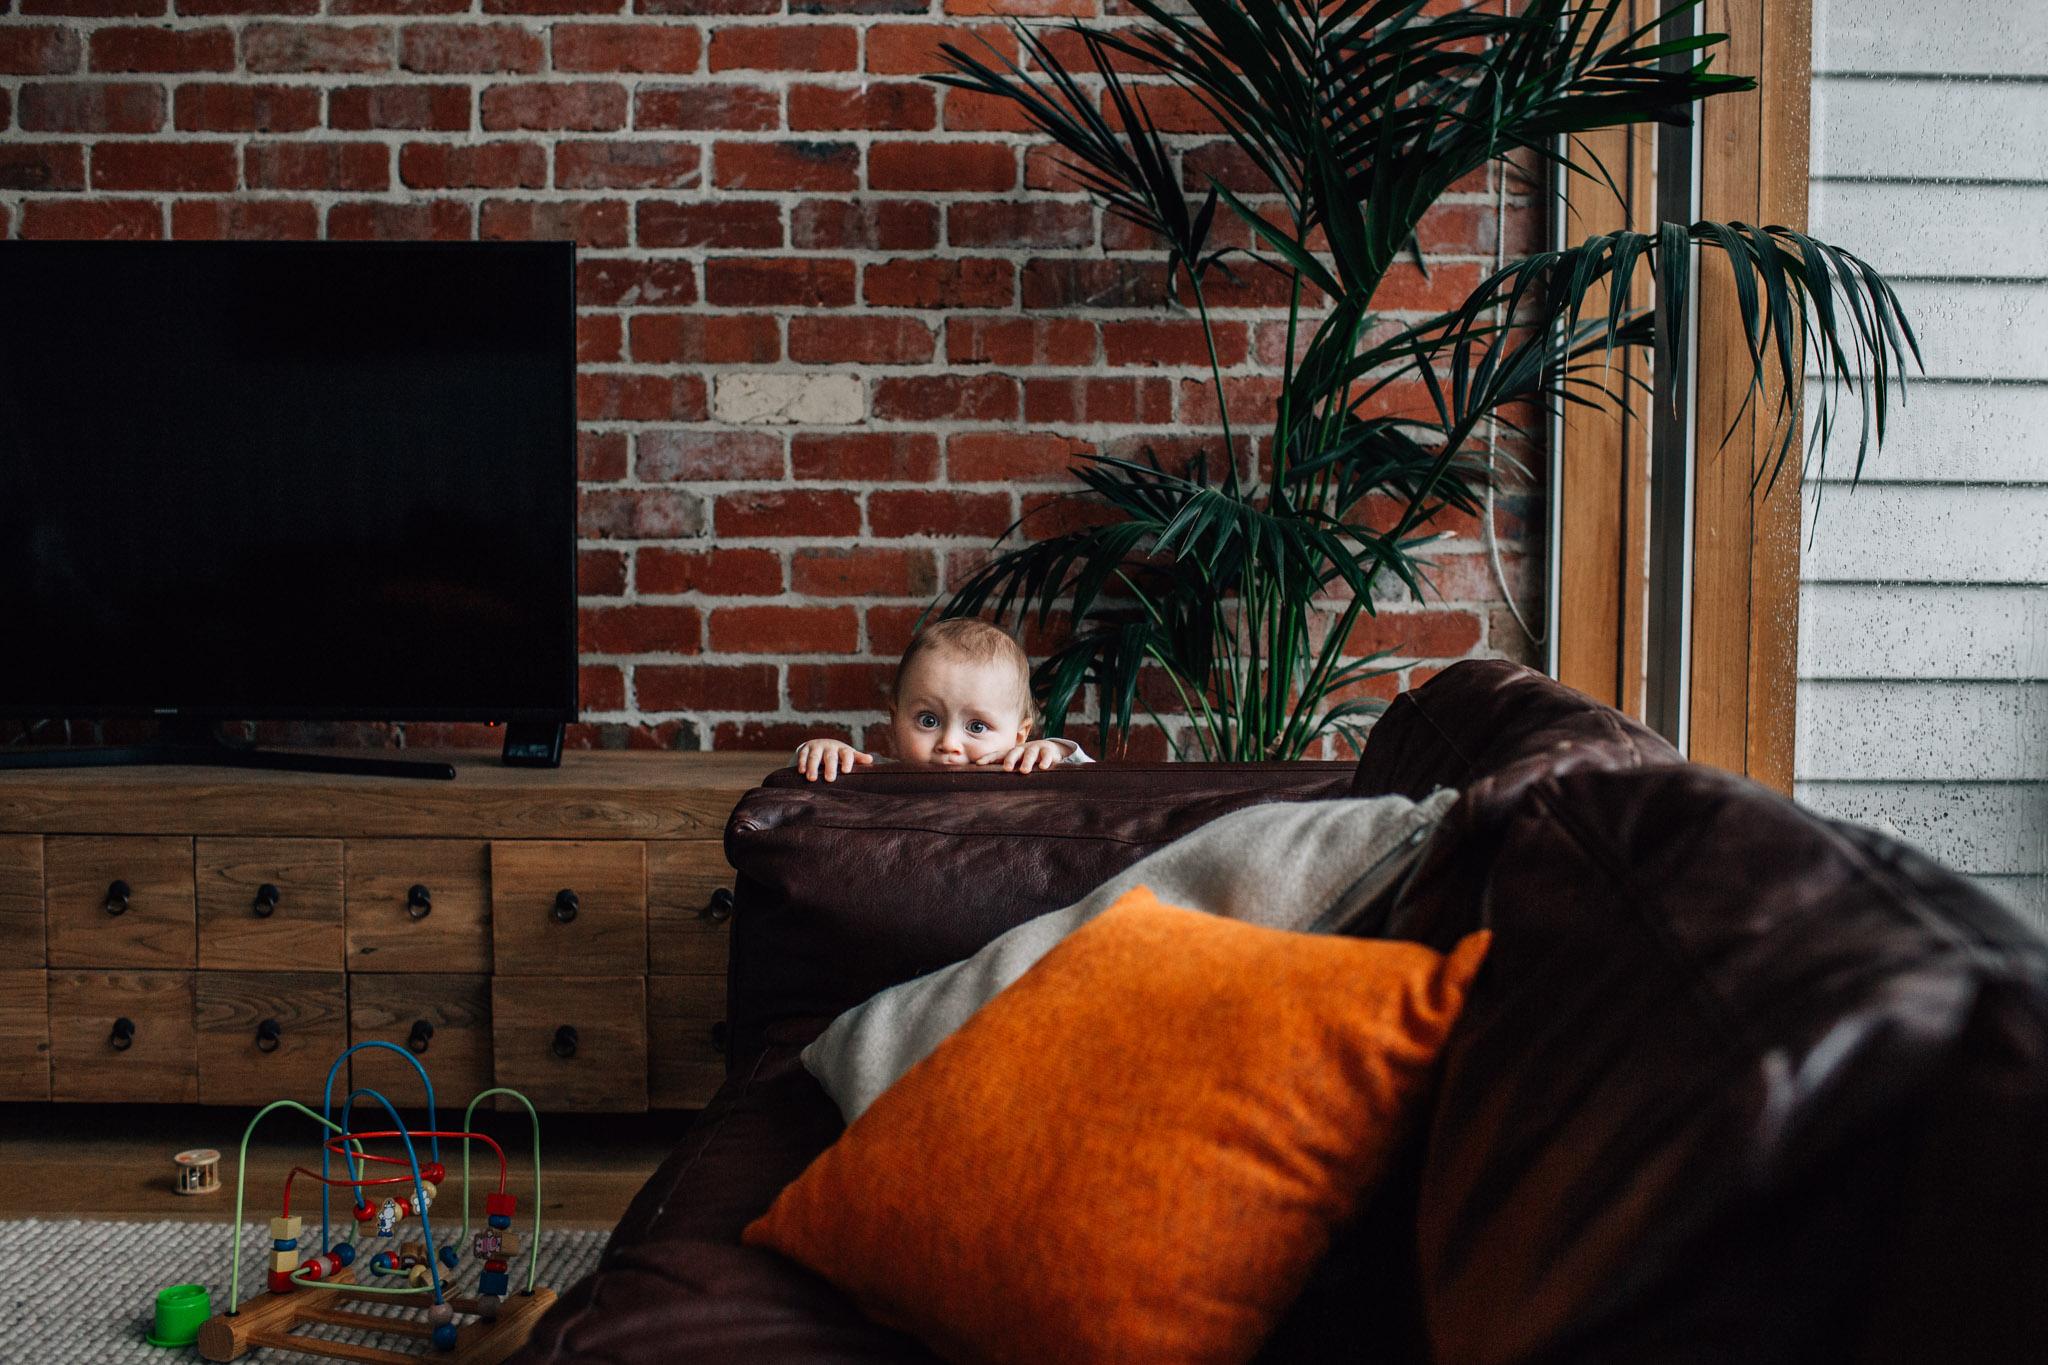 baby-at-sofa (1 of 1).jpg